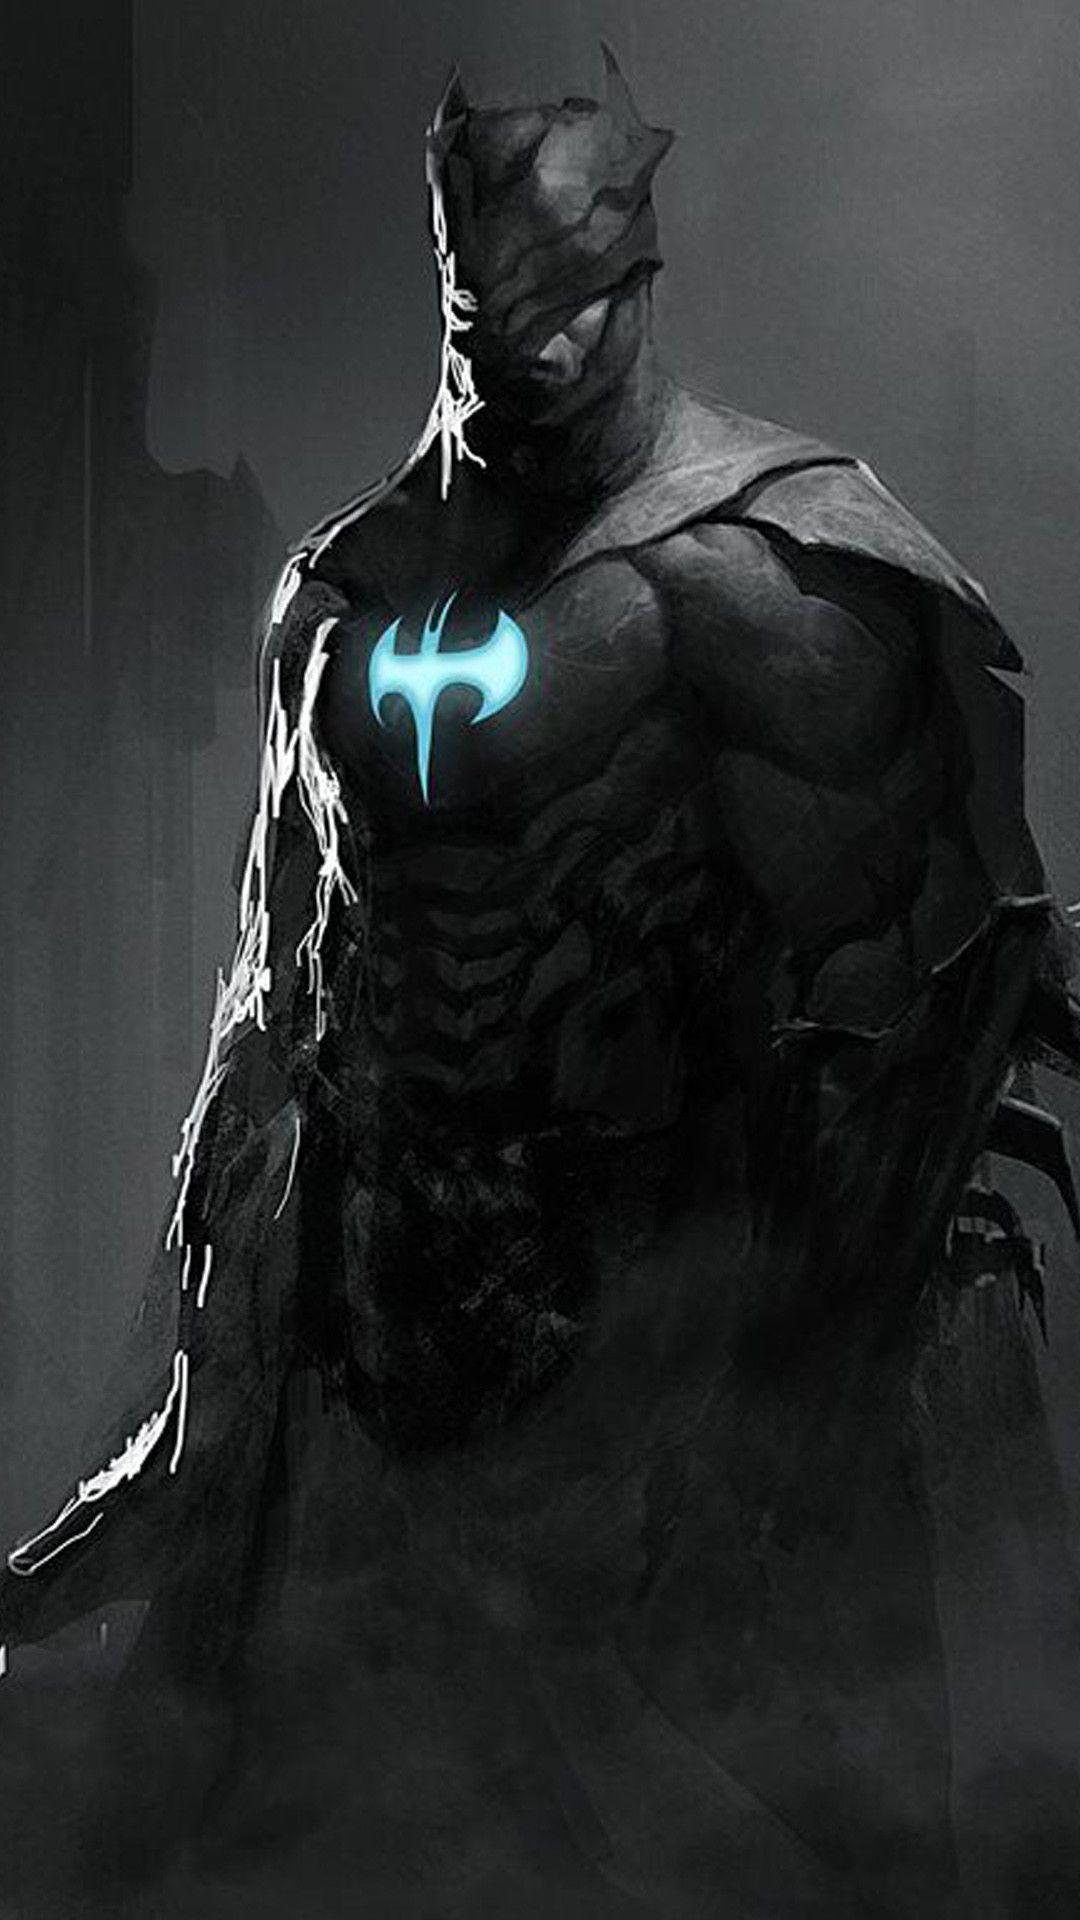 Batman 2020 Wallpapers Wallpaper Cave